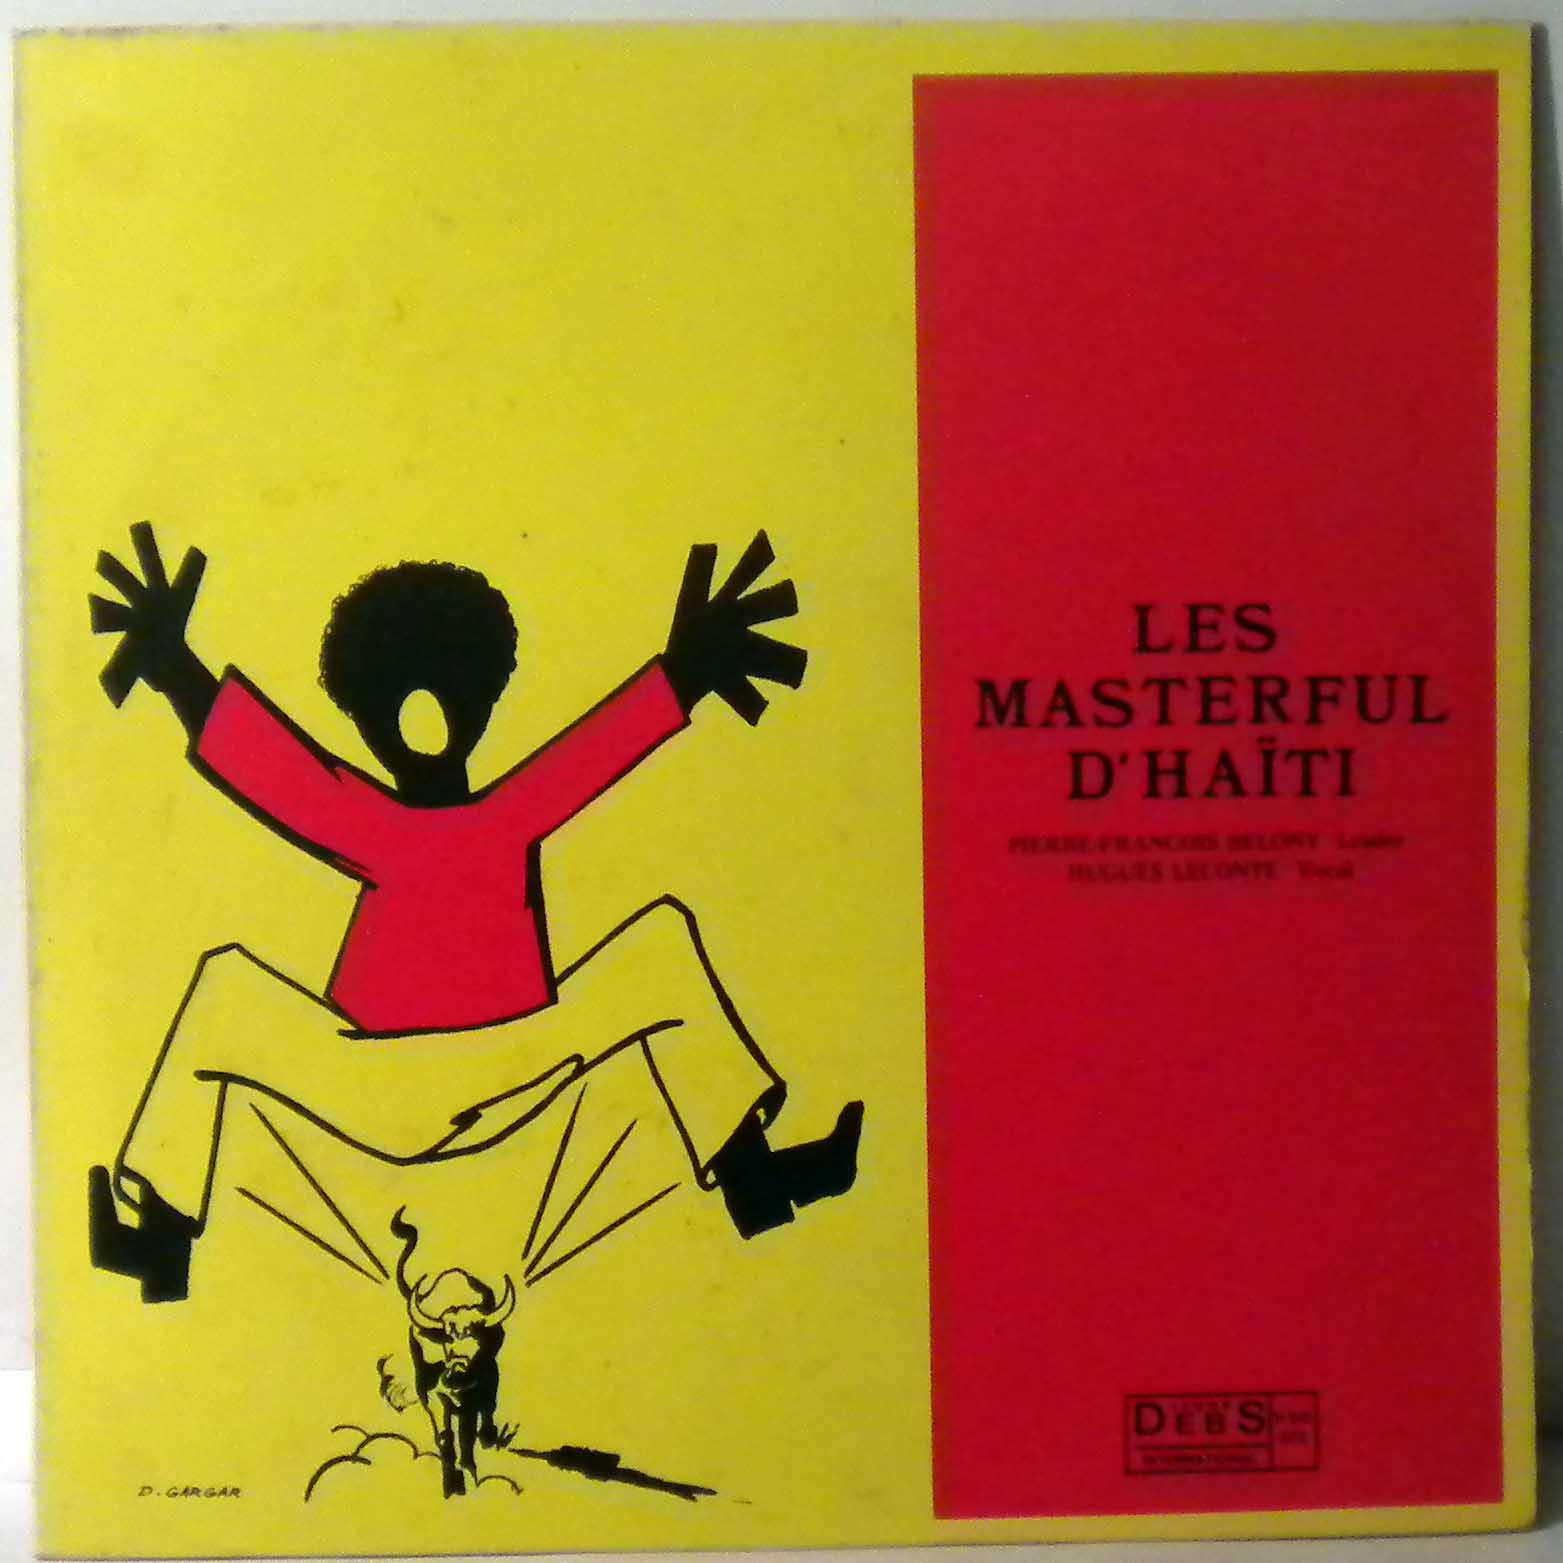 LES MASTERFUL D'HAITI - Same - 33T